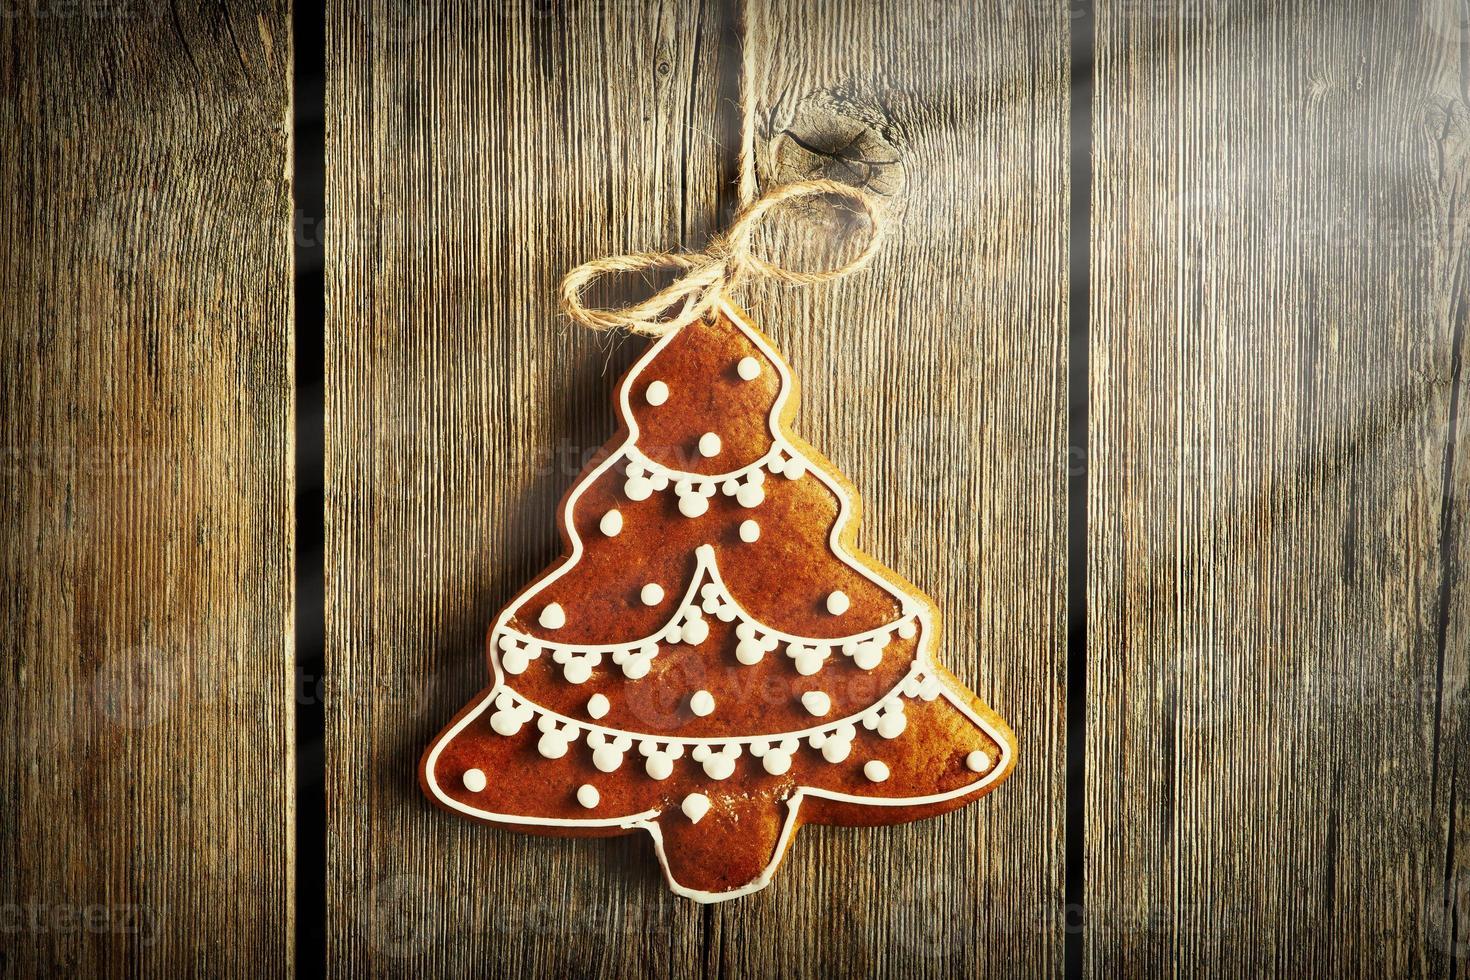 biscotto di pan di zenzero fatto in casa di Natale foto